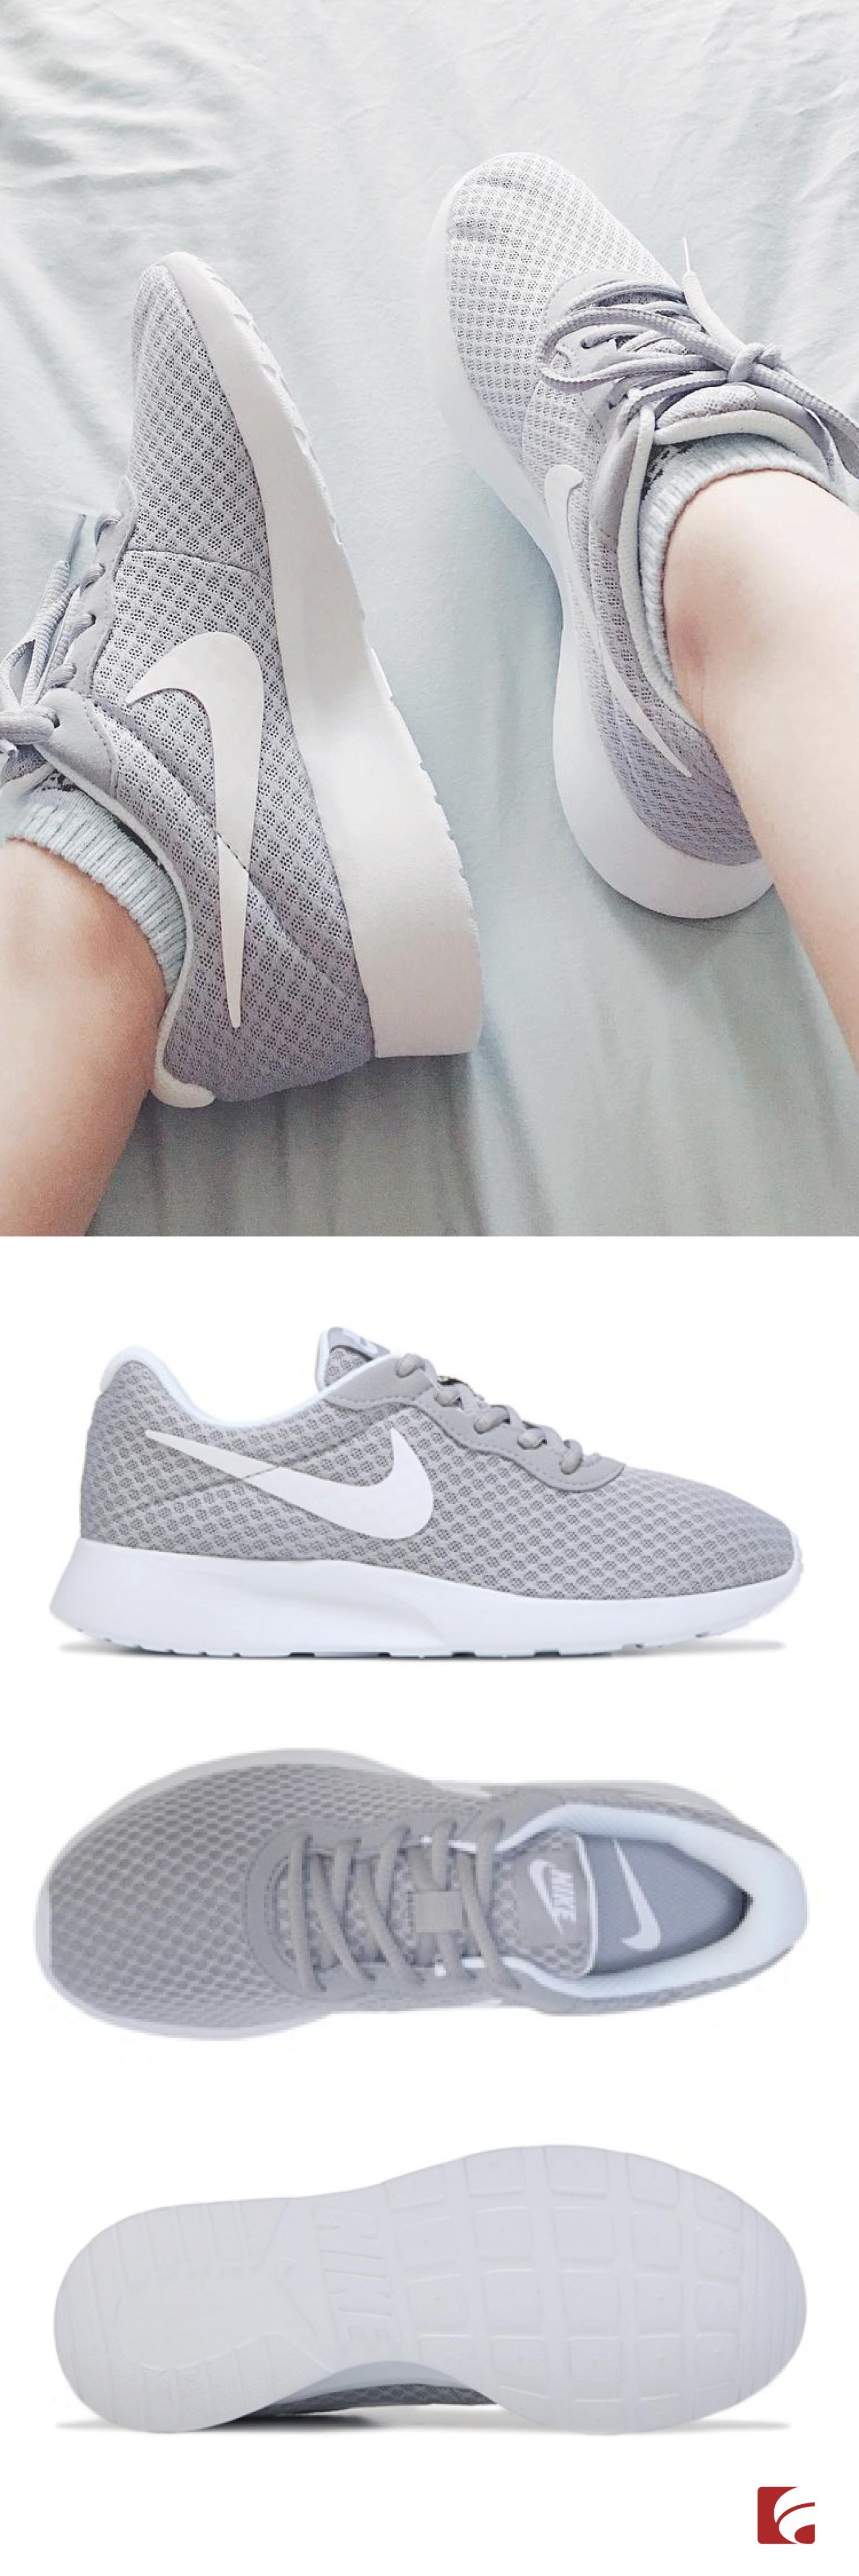 grey nike tanjun women's